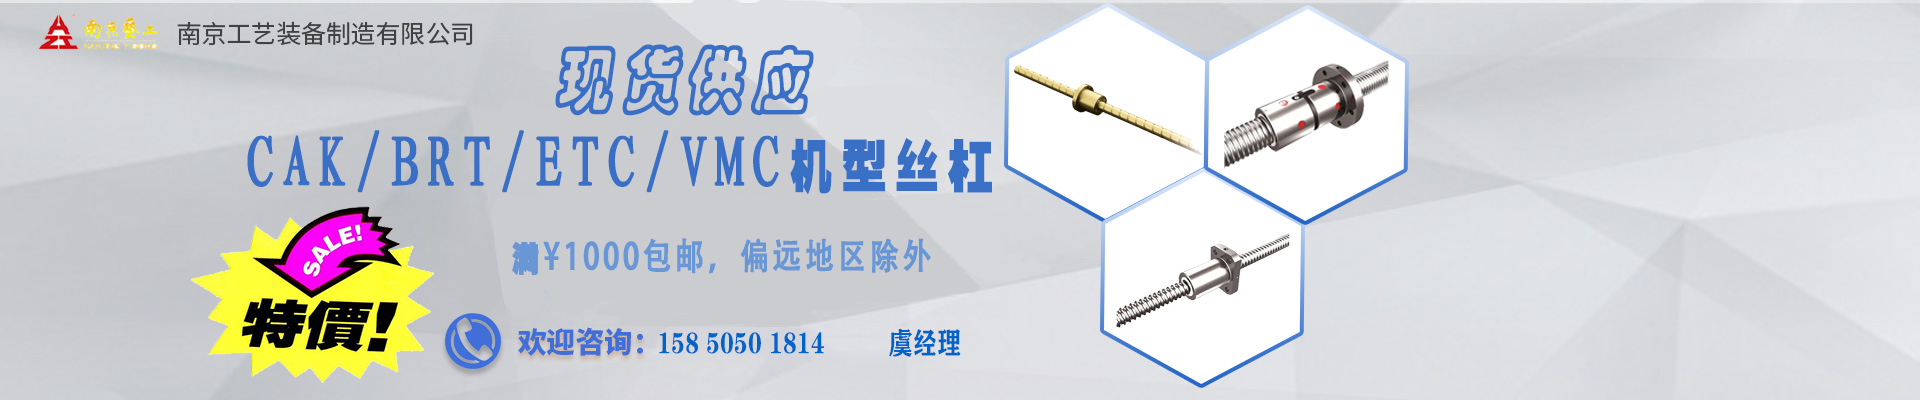 南京工艺装备制造有限公司